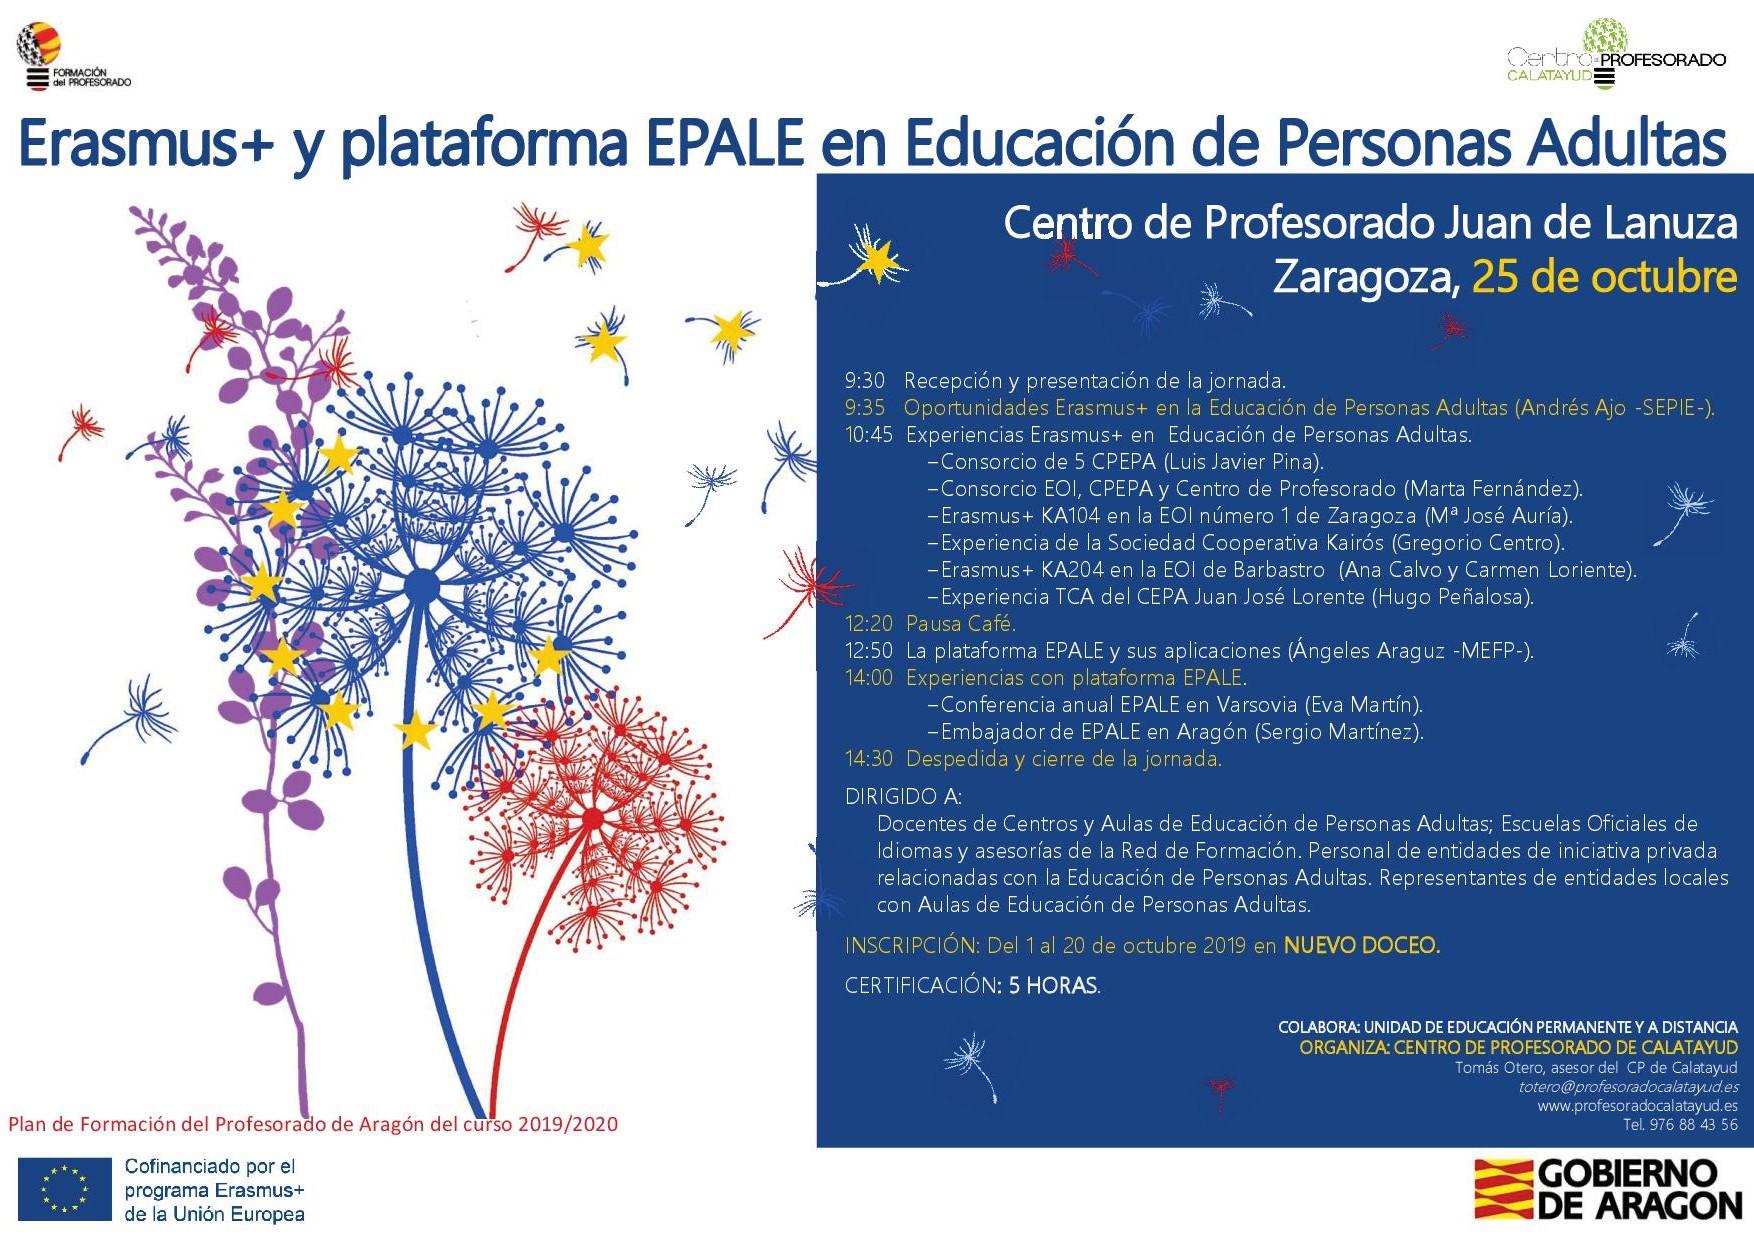 Jornada Erasmus+ y plataforma EPALE